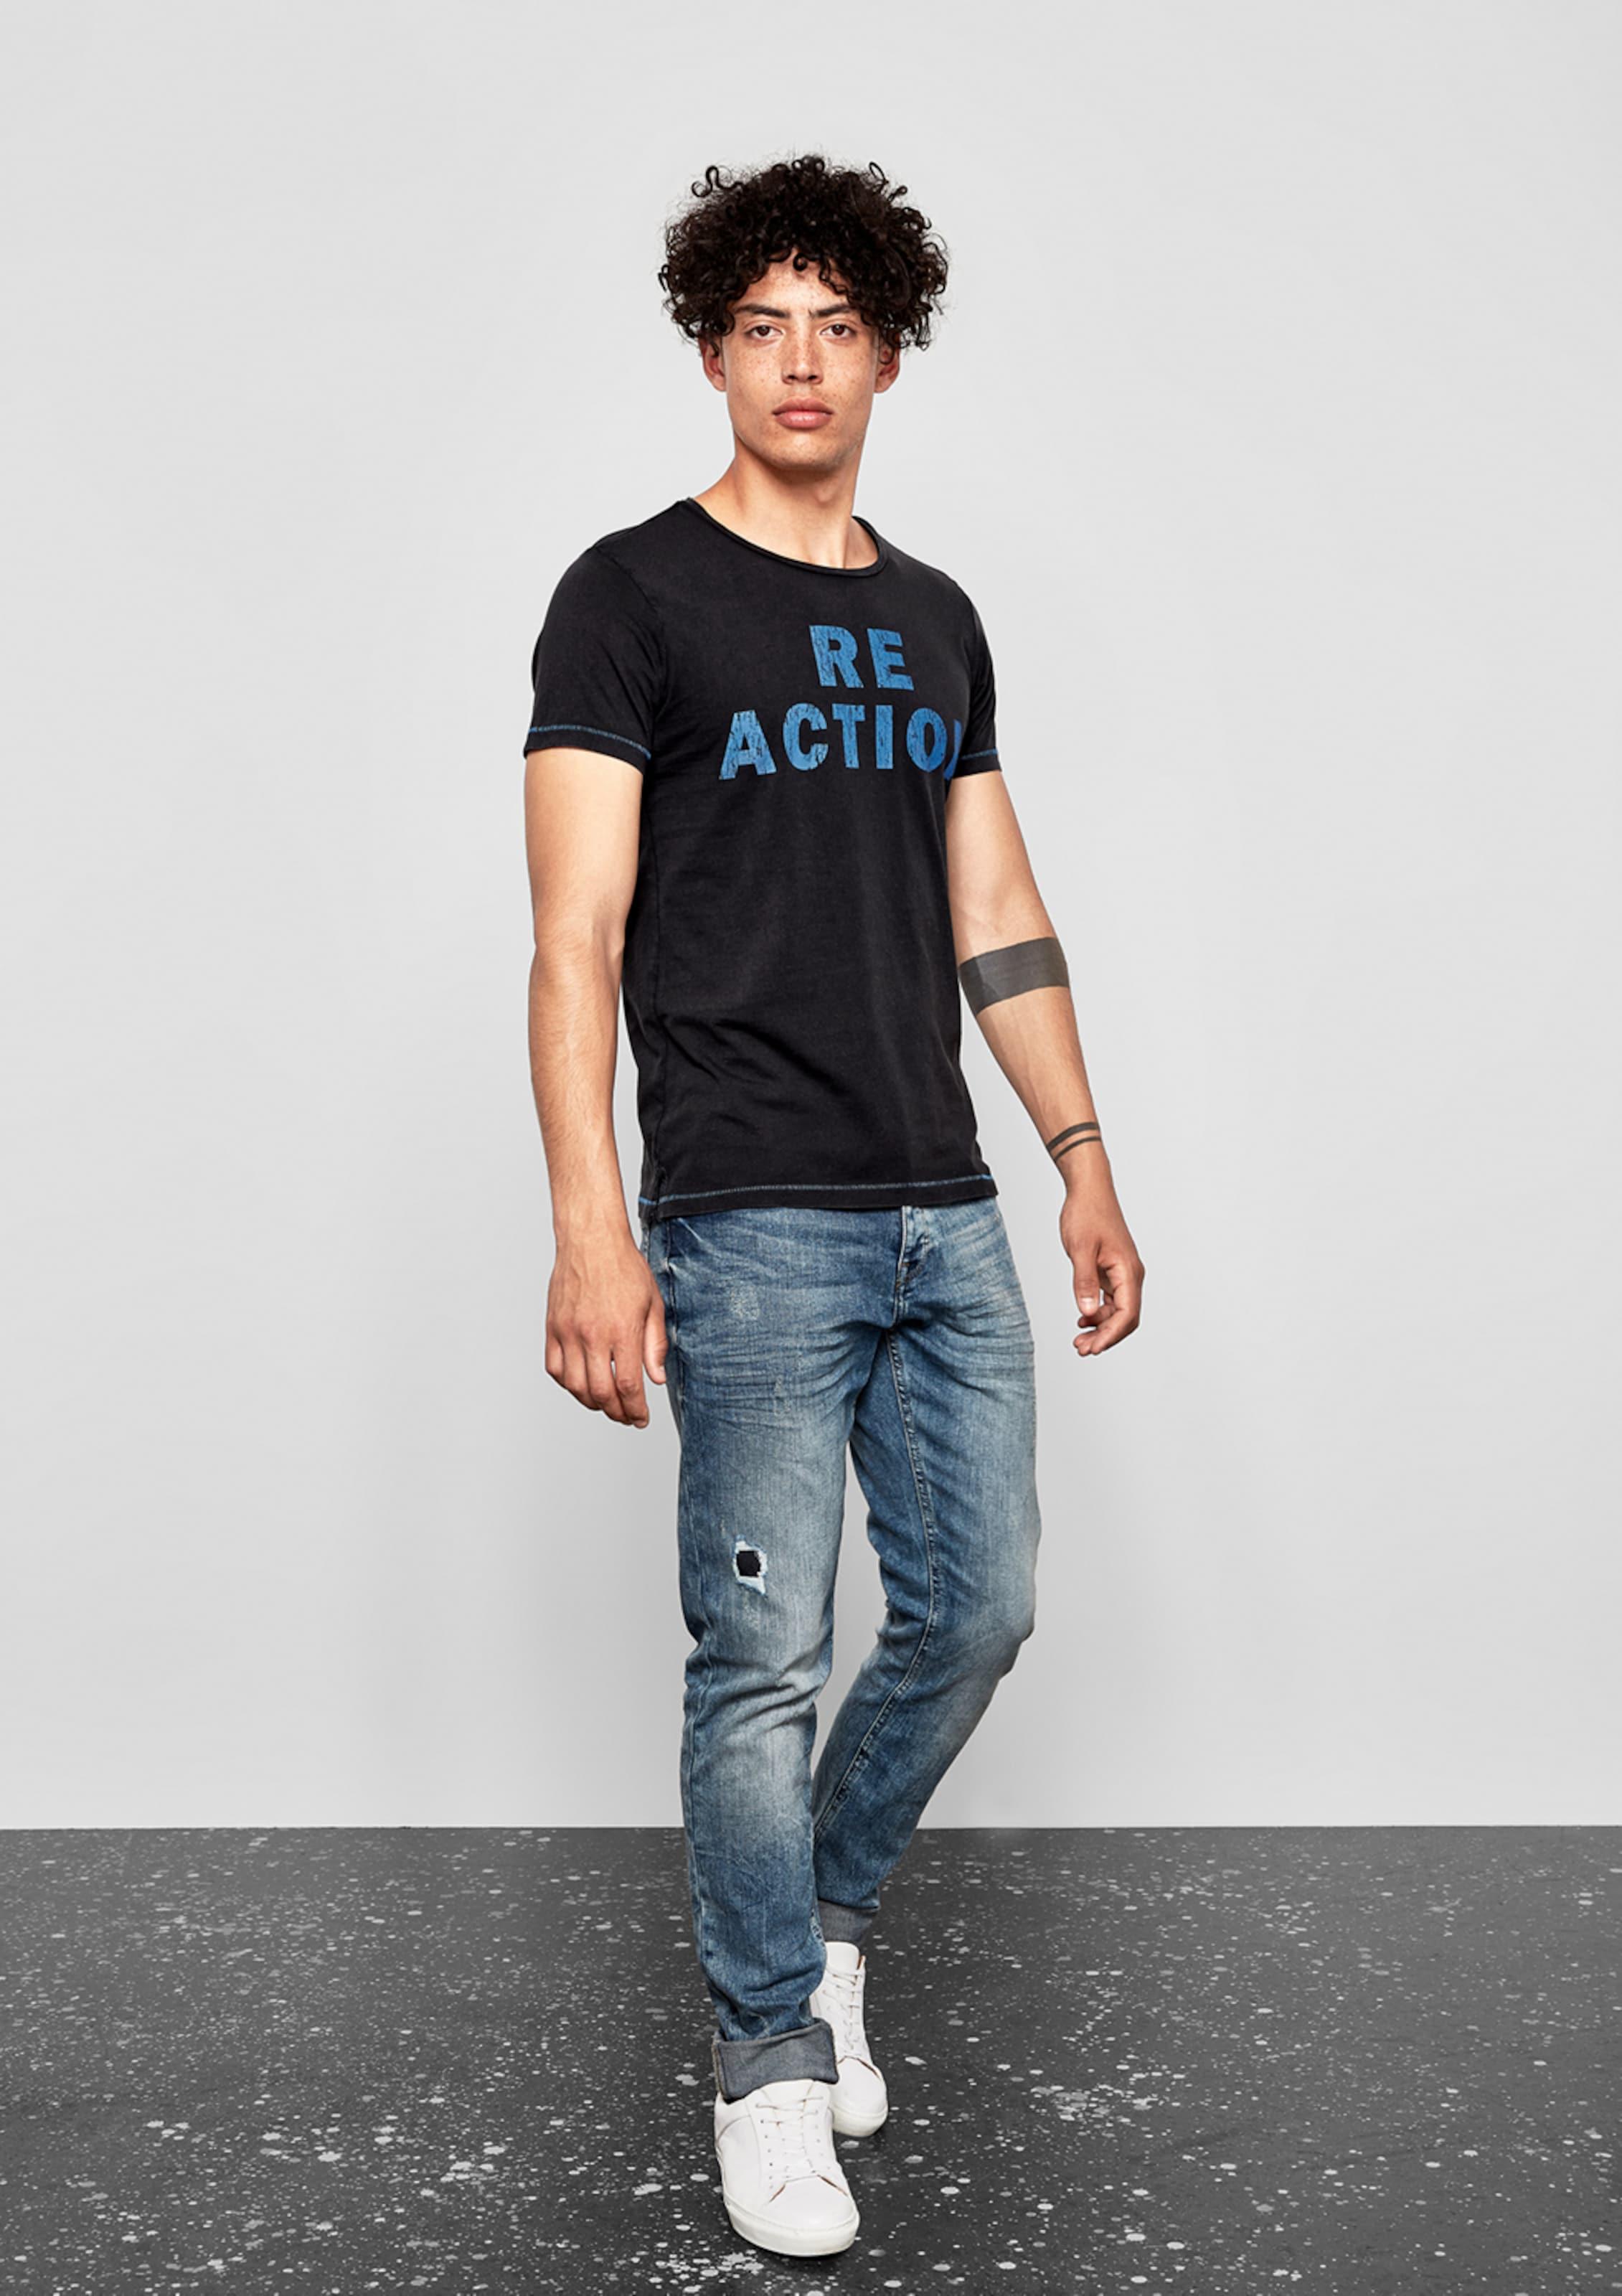 Schwarz s In Designed T shirt Q By 08wkXnNOP